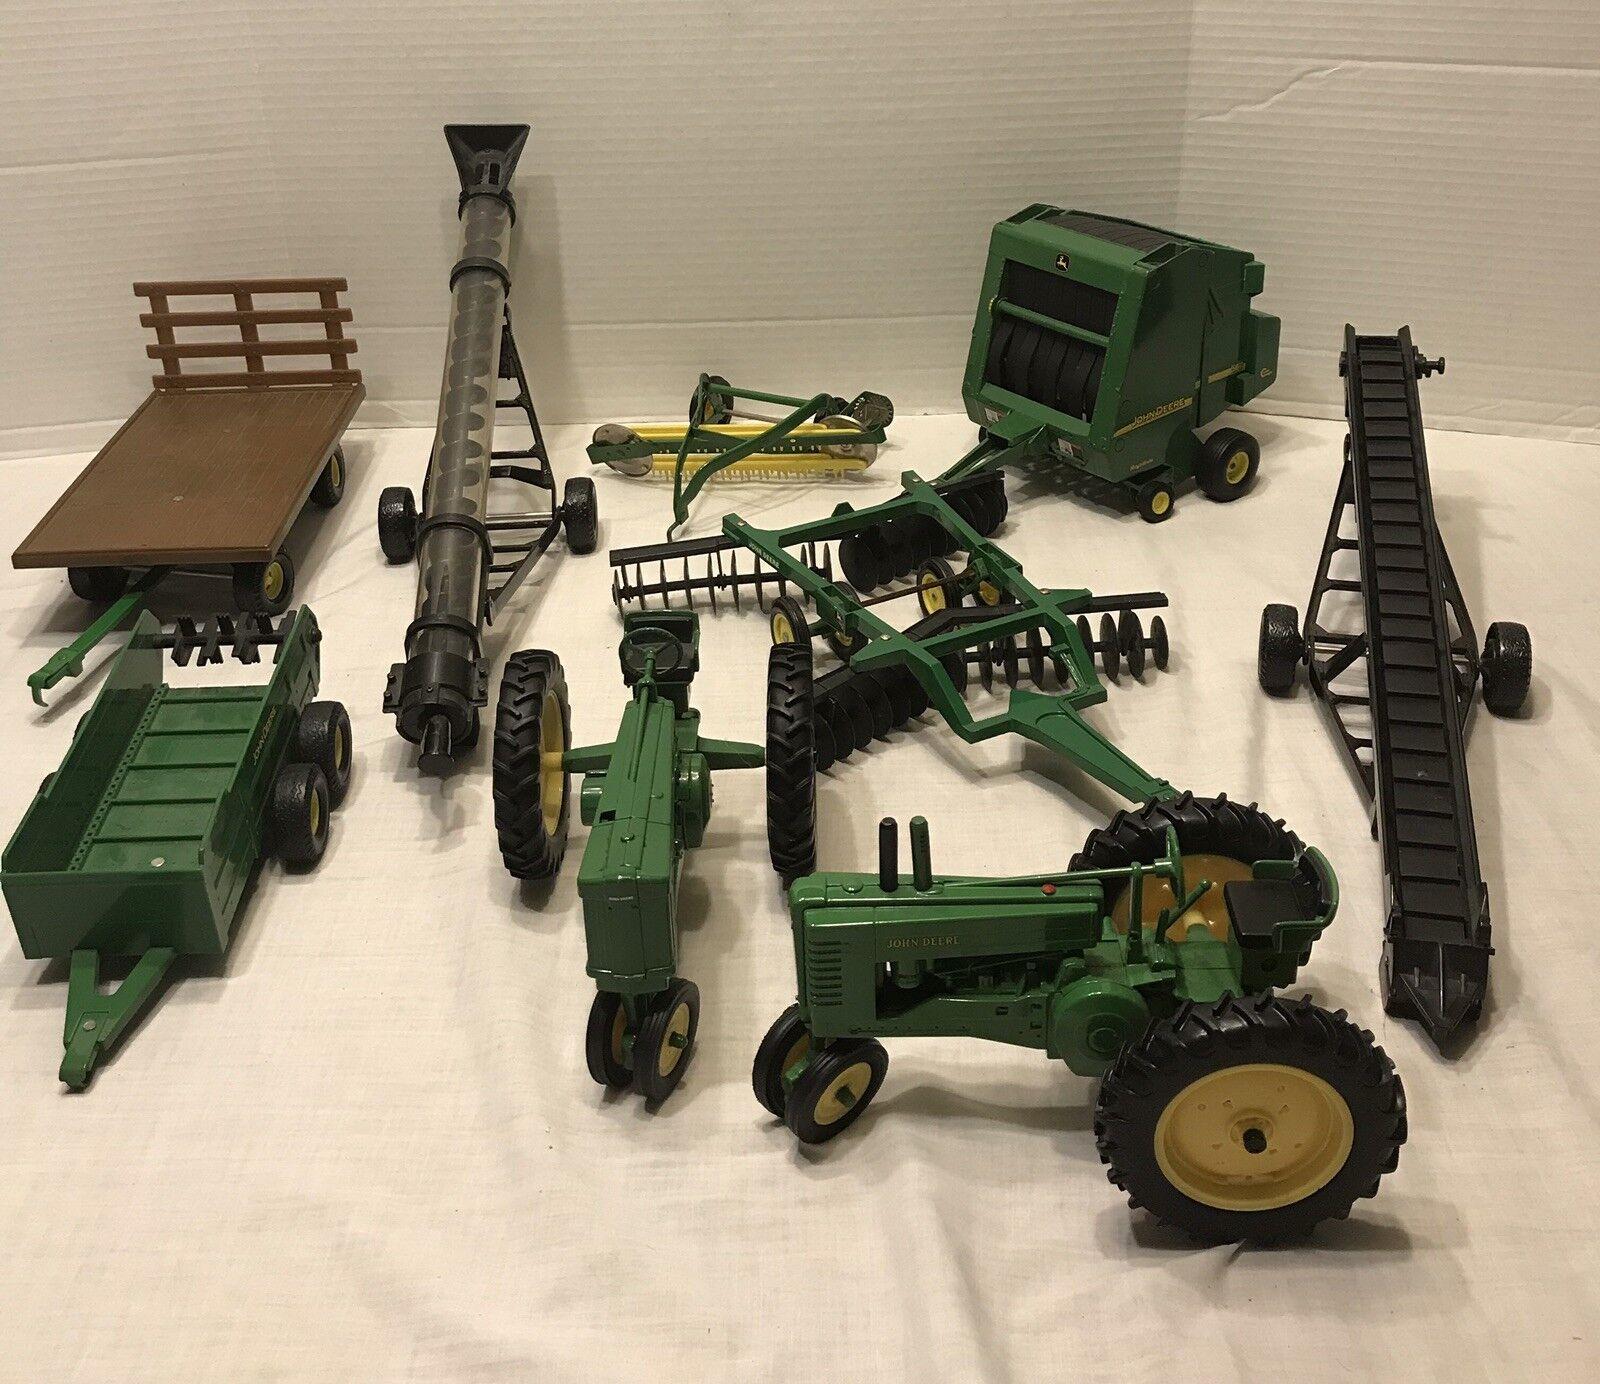 Centro comercial profesional integrado en línea. Lote de tractores John Deere Deere Deere Juguete Coleccionable & equipos agrícolas  hasta un 70% de descuento